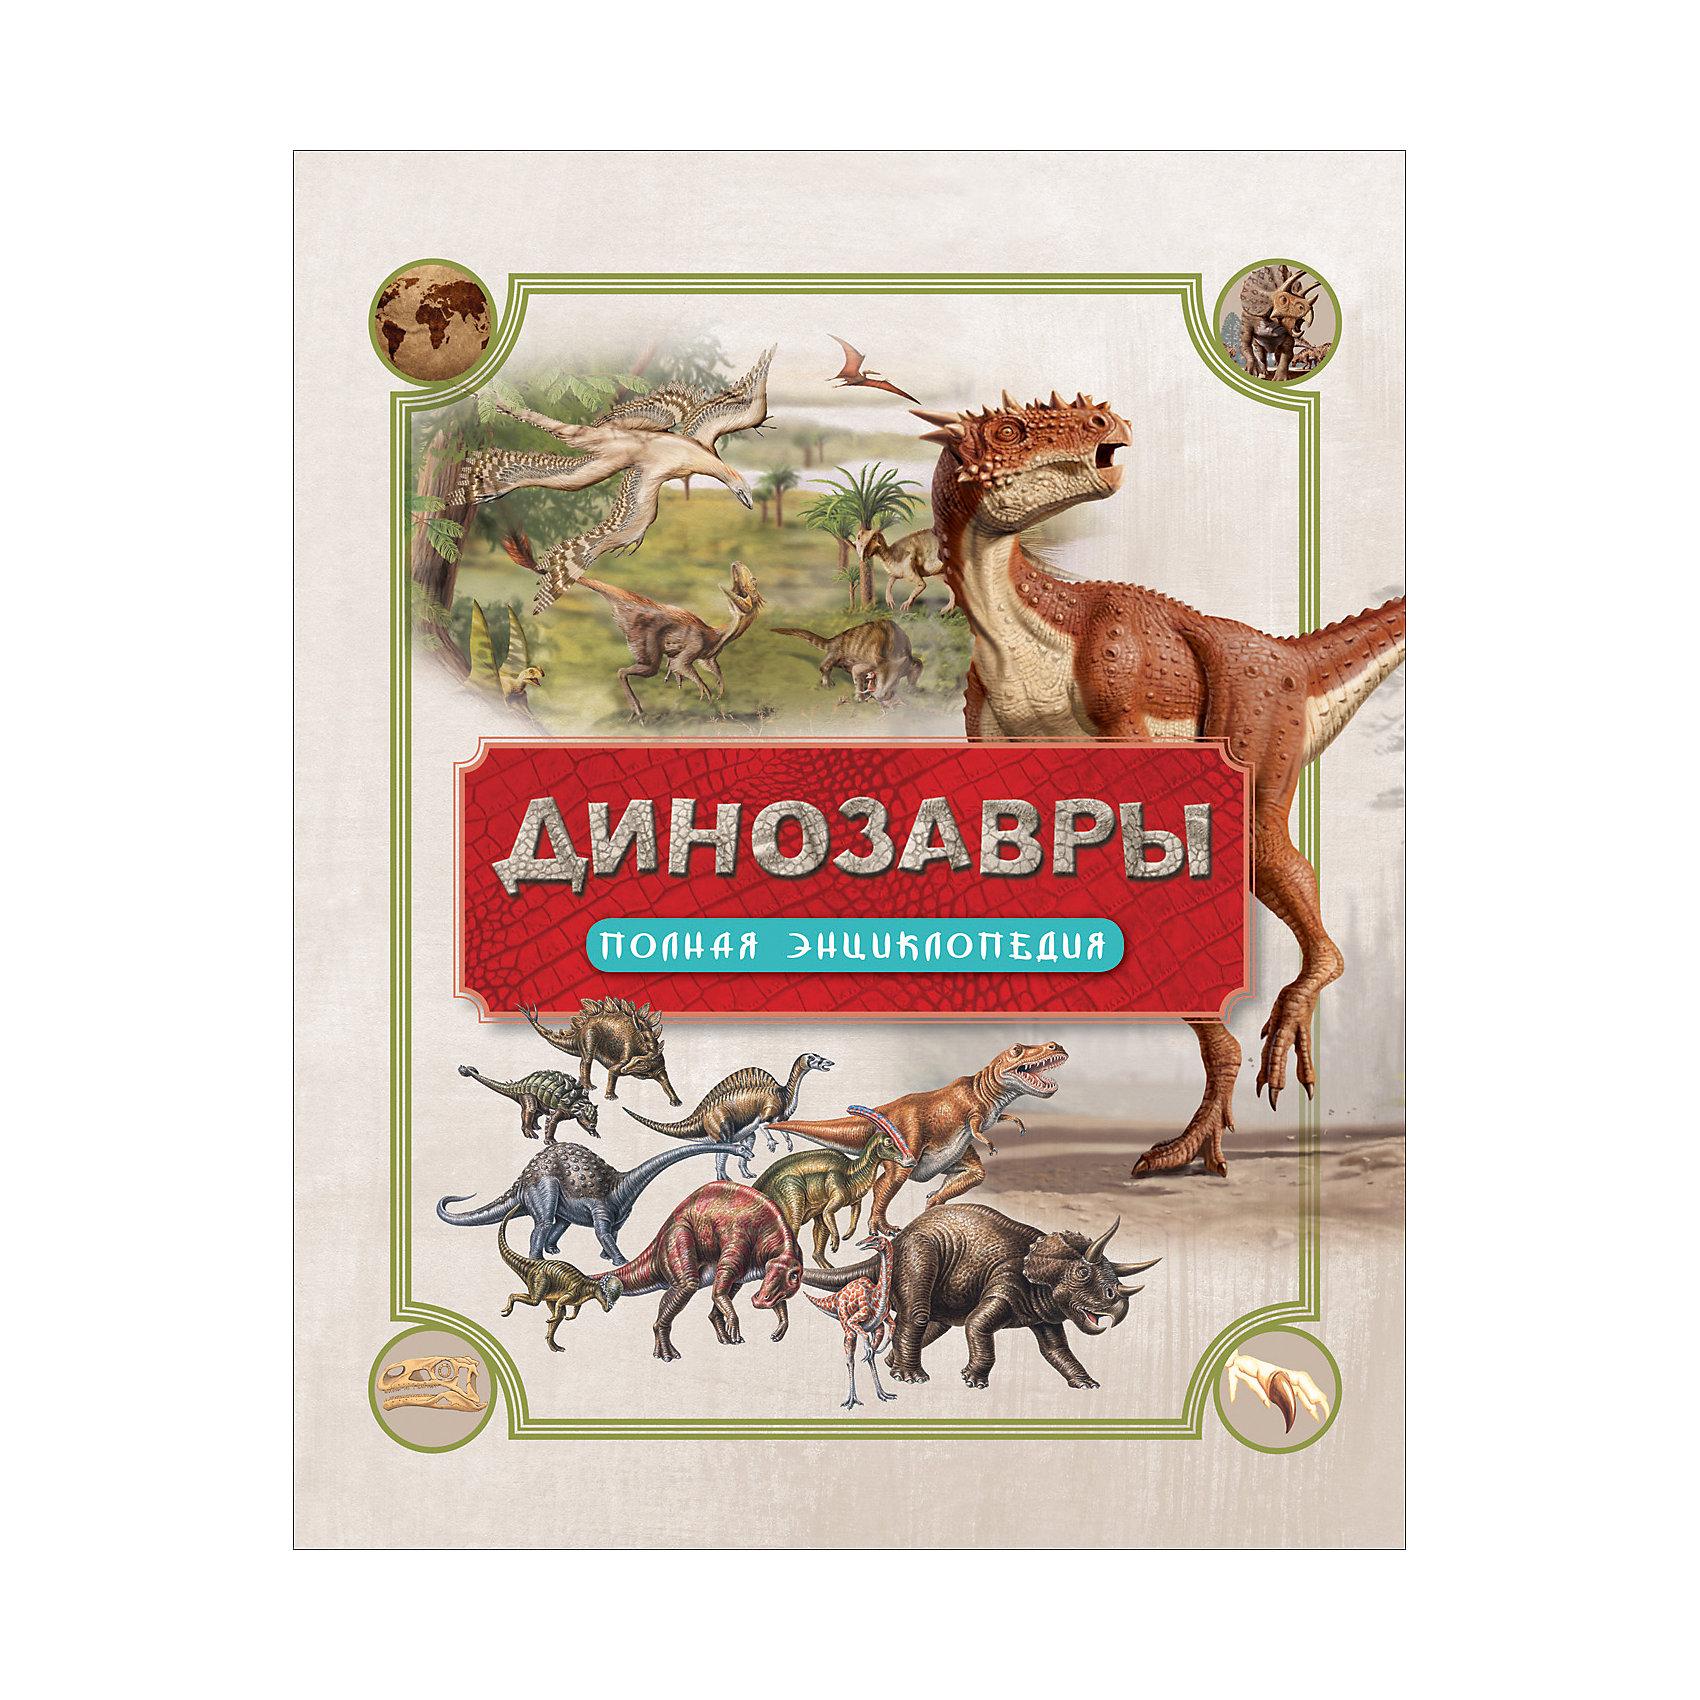 Энциклопедия ДинозаврыРосмэн<br>Полная энциклопедия Динозавры<br><br>Характеристики:<br><br>• ISBN: 9785353081982 <br>• Количество страниц: 176<br>• Формат: А4   <br>• Обложка: твердая <br><br>Эта книга расскажет вашему ребенку  о том, какой была жизнь на нашей планете до появления человека. Из нее ваш ребенок сможет узнать о том, как выглядели обитатели Земли 150 миллионов лет назад, чем они питались и почему вымерли, уступив место другим видам. Книга снабжена красочными иллюстрациями, которые смогут заинтересовать детей.<br><br>Полная энциклопедия Динозавры можно купить в нашем интернет-магазине.<br><br>Ширина мм: 264<br>Глубина мм: 200<br>Высота мм: 180<br>Вес г: 714<br>Возраст от месяцев: 84<br>Возраст до месяцев: 2147483647<br>Пол: Унисекс<br>Возраст: Детский<br>SKU: 5507101